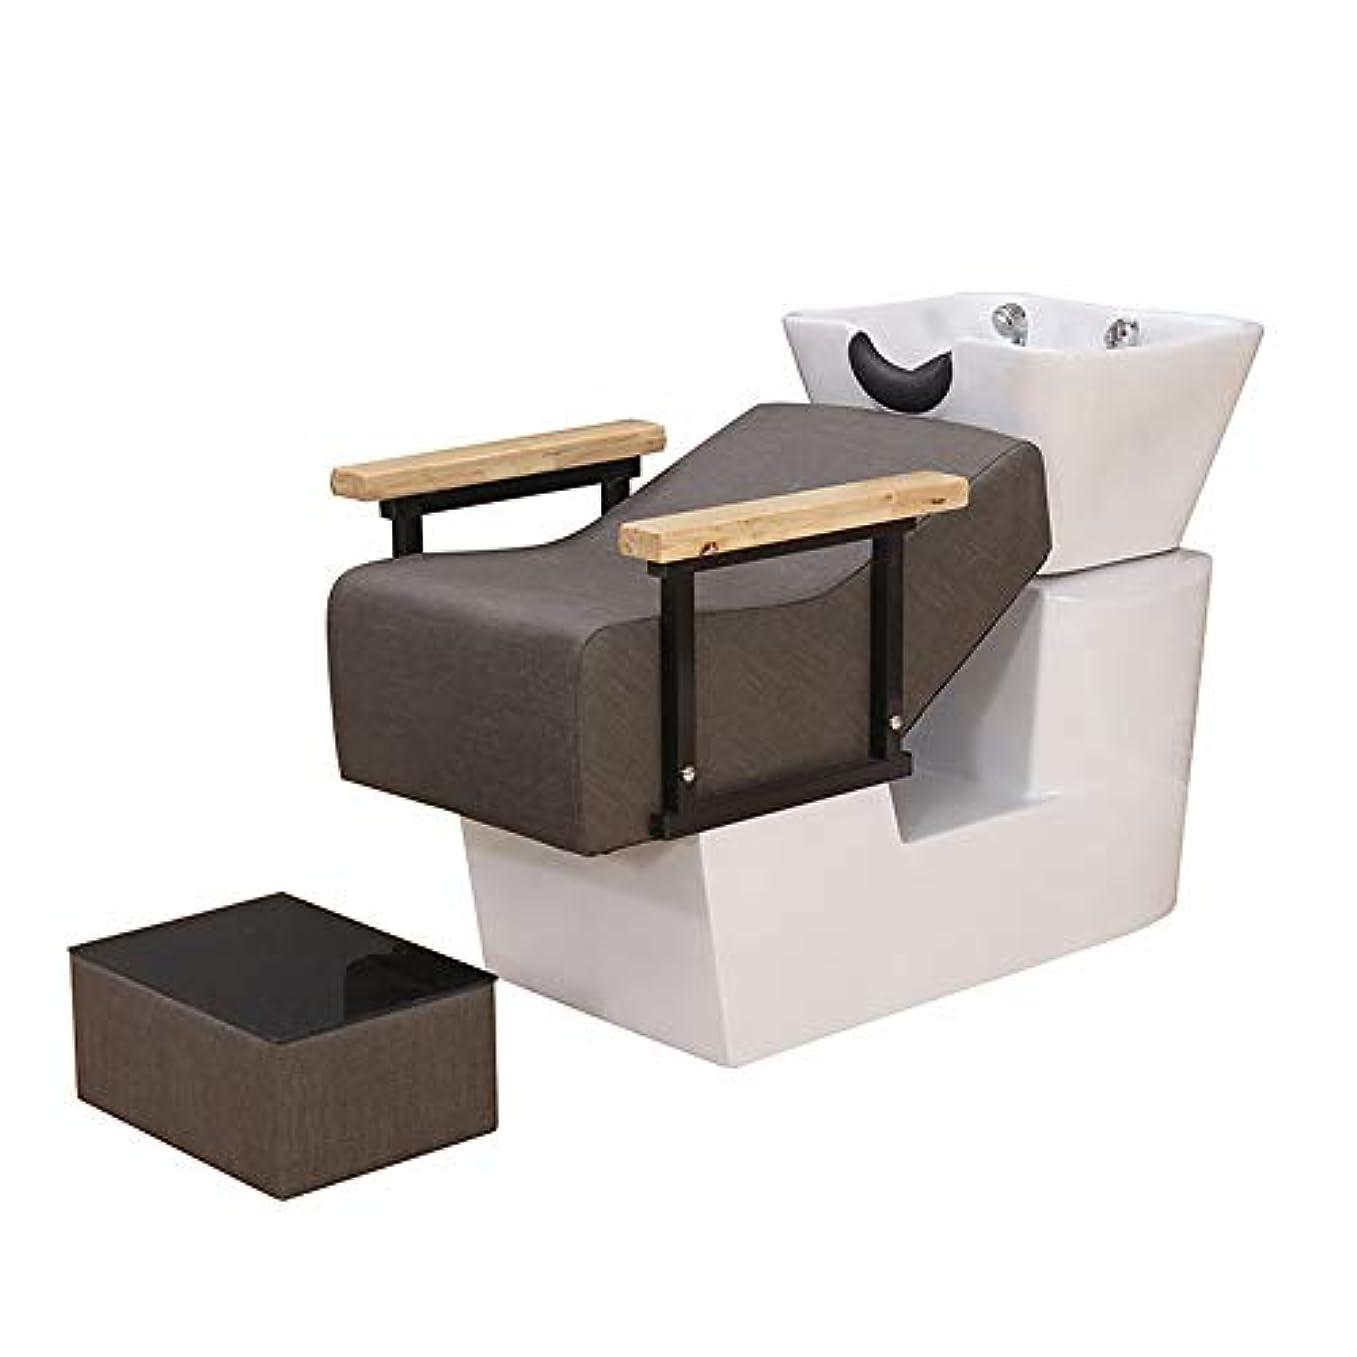 ほとんどない無知高齢者シャンプーチェア、逆洗ユニットシャンプーボウル理髪シンクシンクチェア用スパ美容院機器用半埋め込みフラッシュベッド